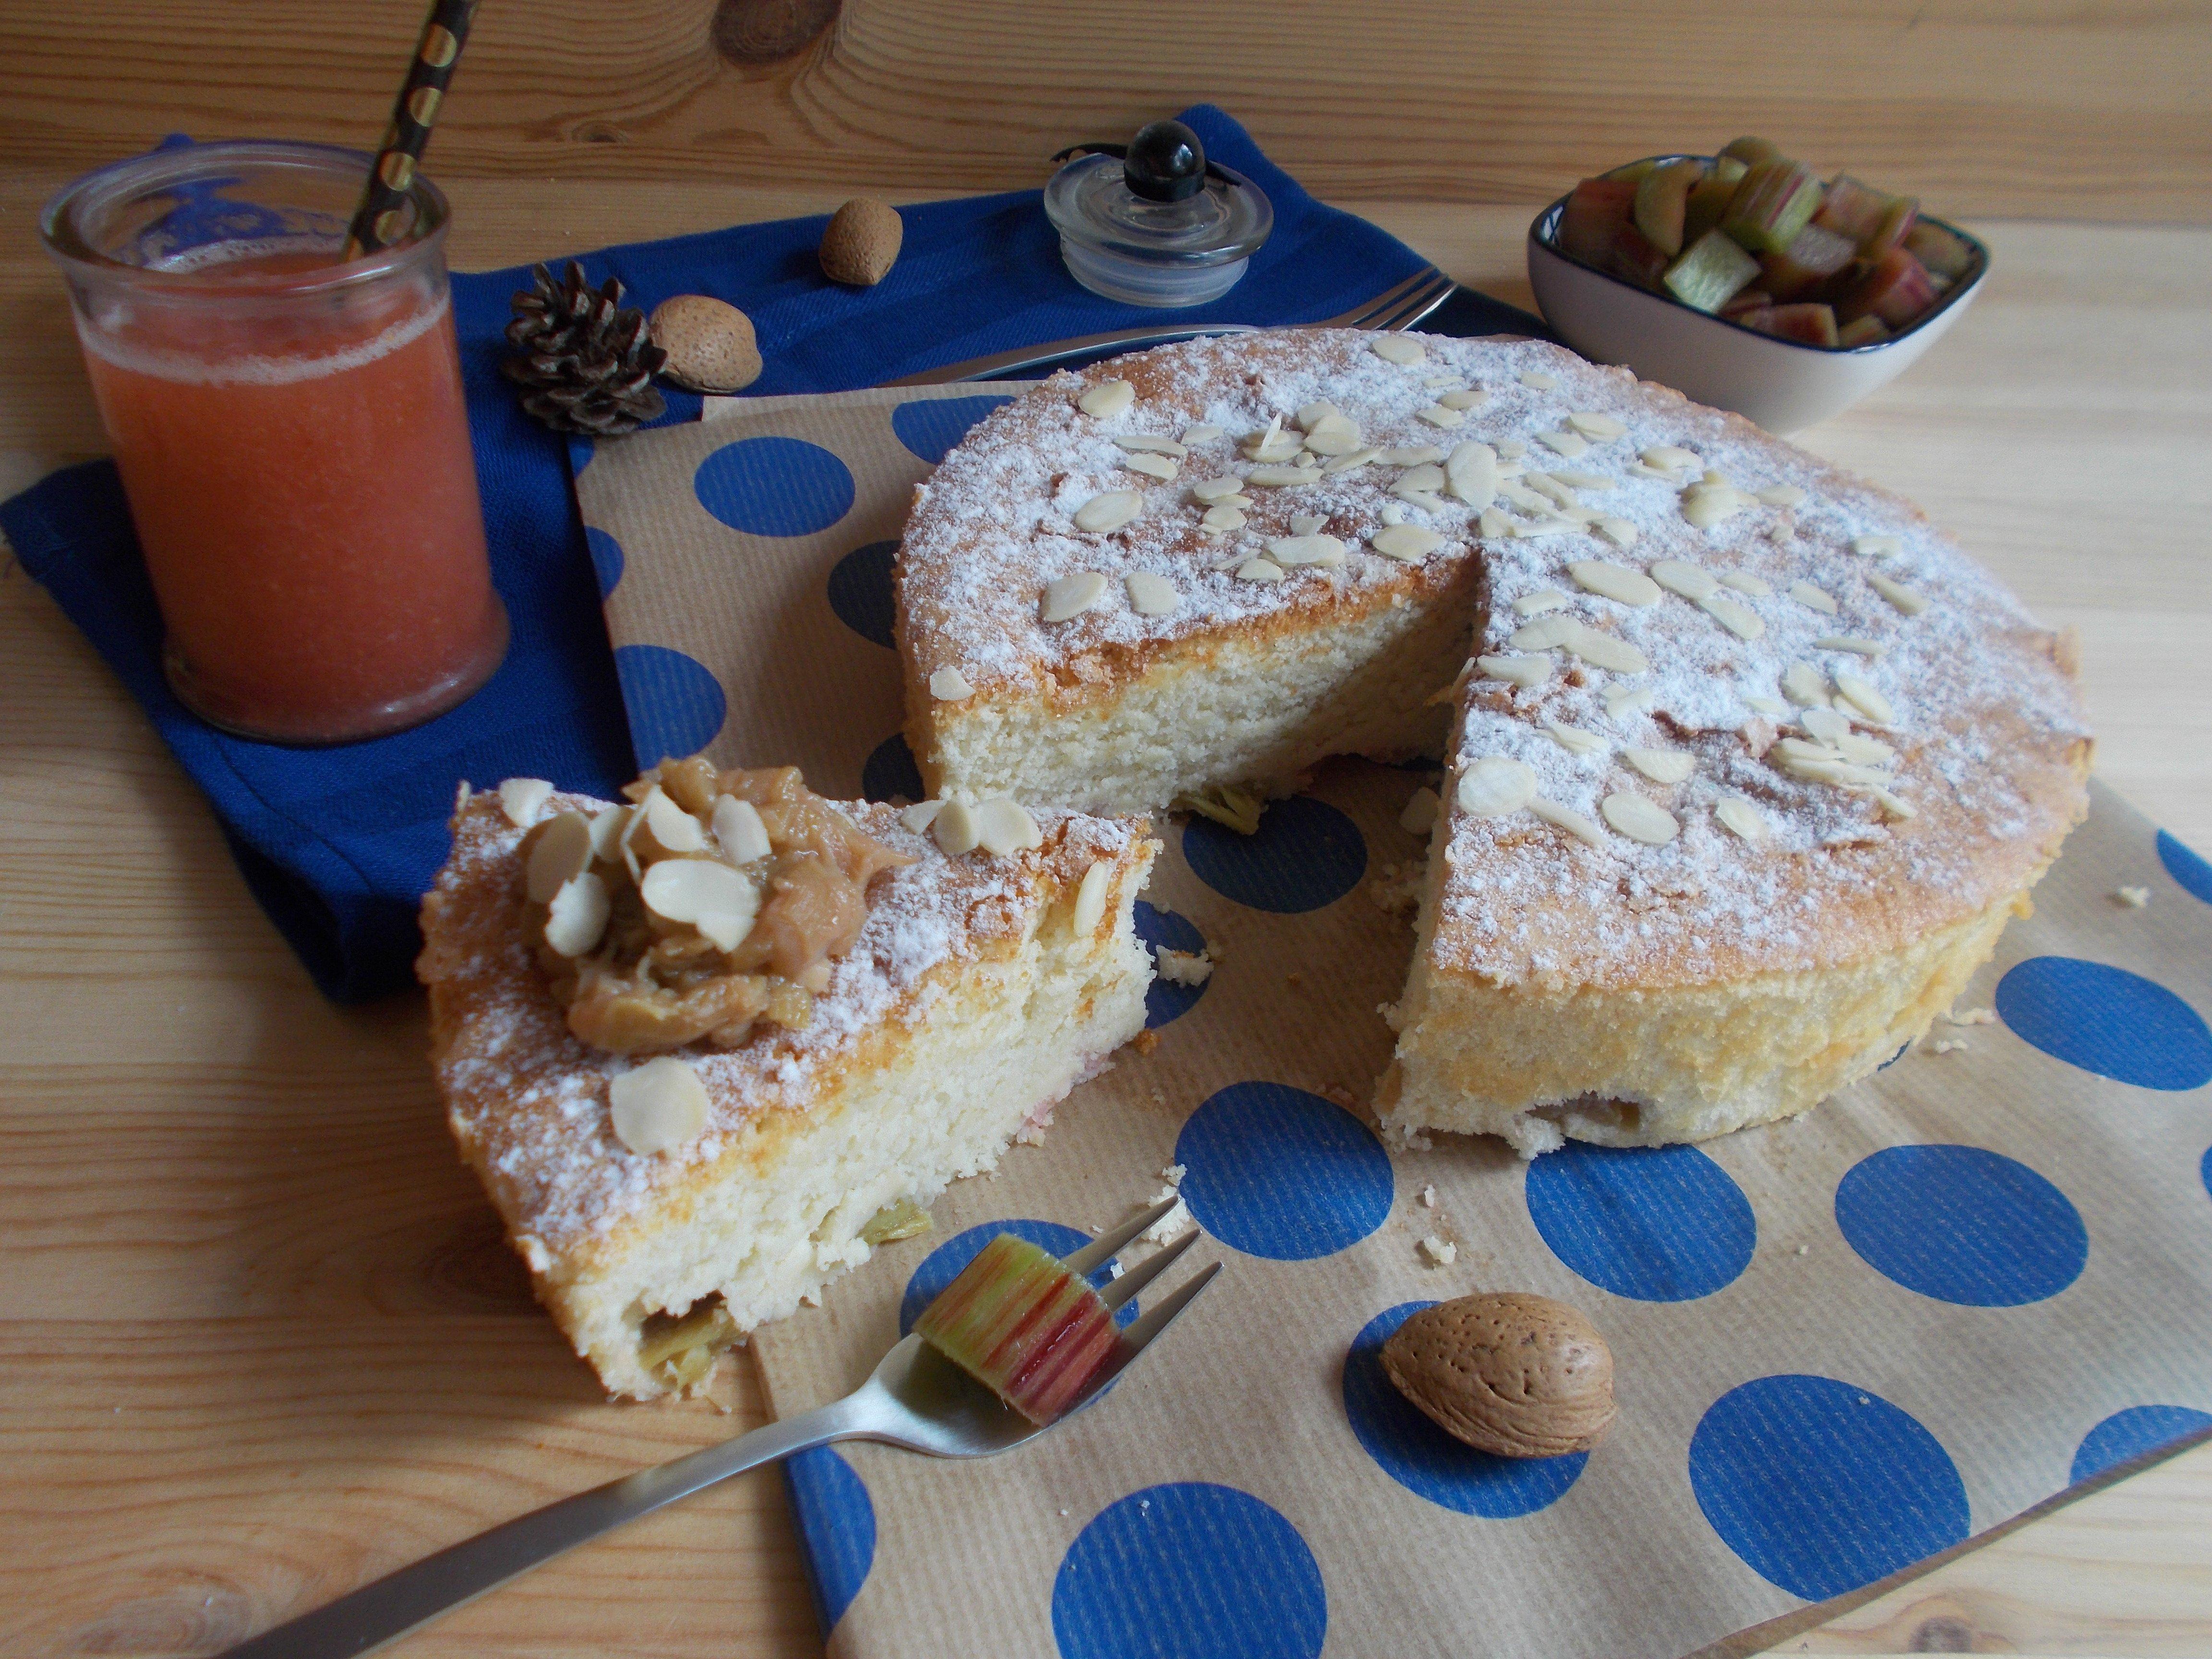 Gâteau nuage à la rhubarbe et amande amère